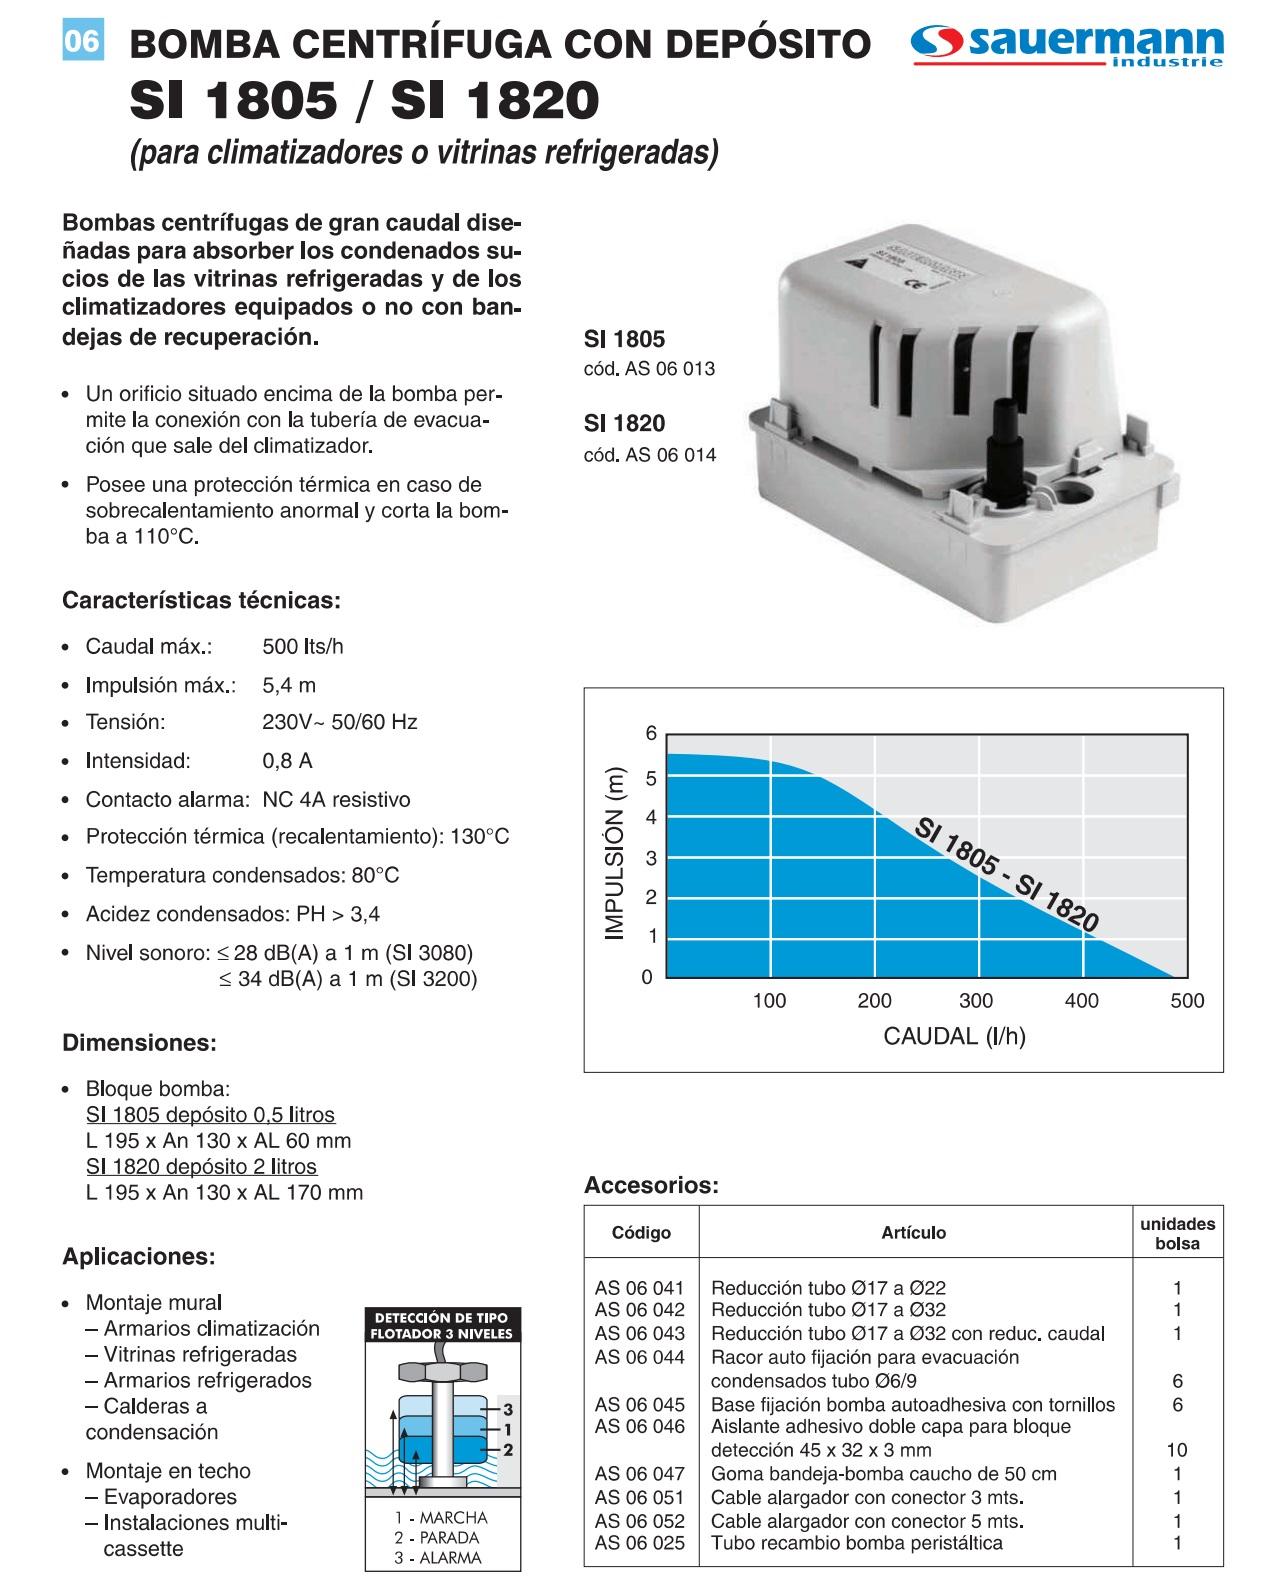 Bomba de condensados para aire acondicionado SAUERMANN SI-1820 - ficha de producto